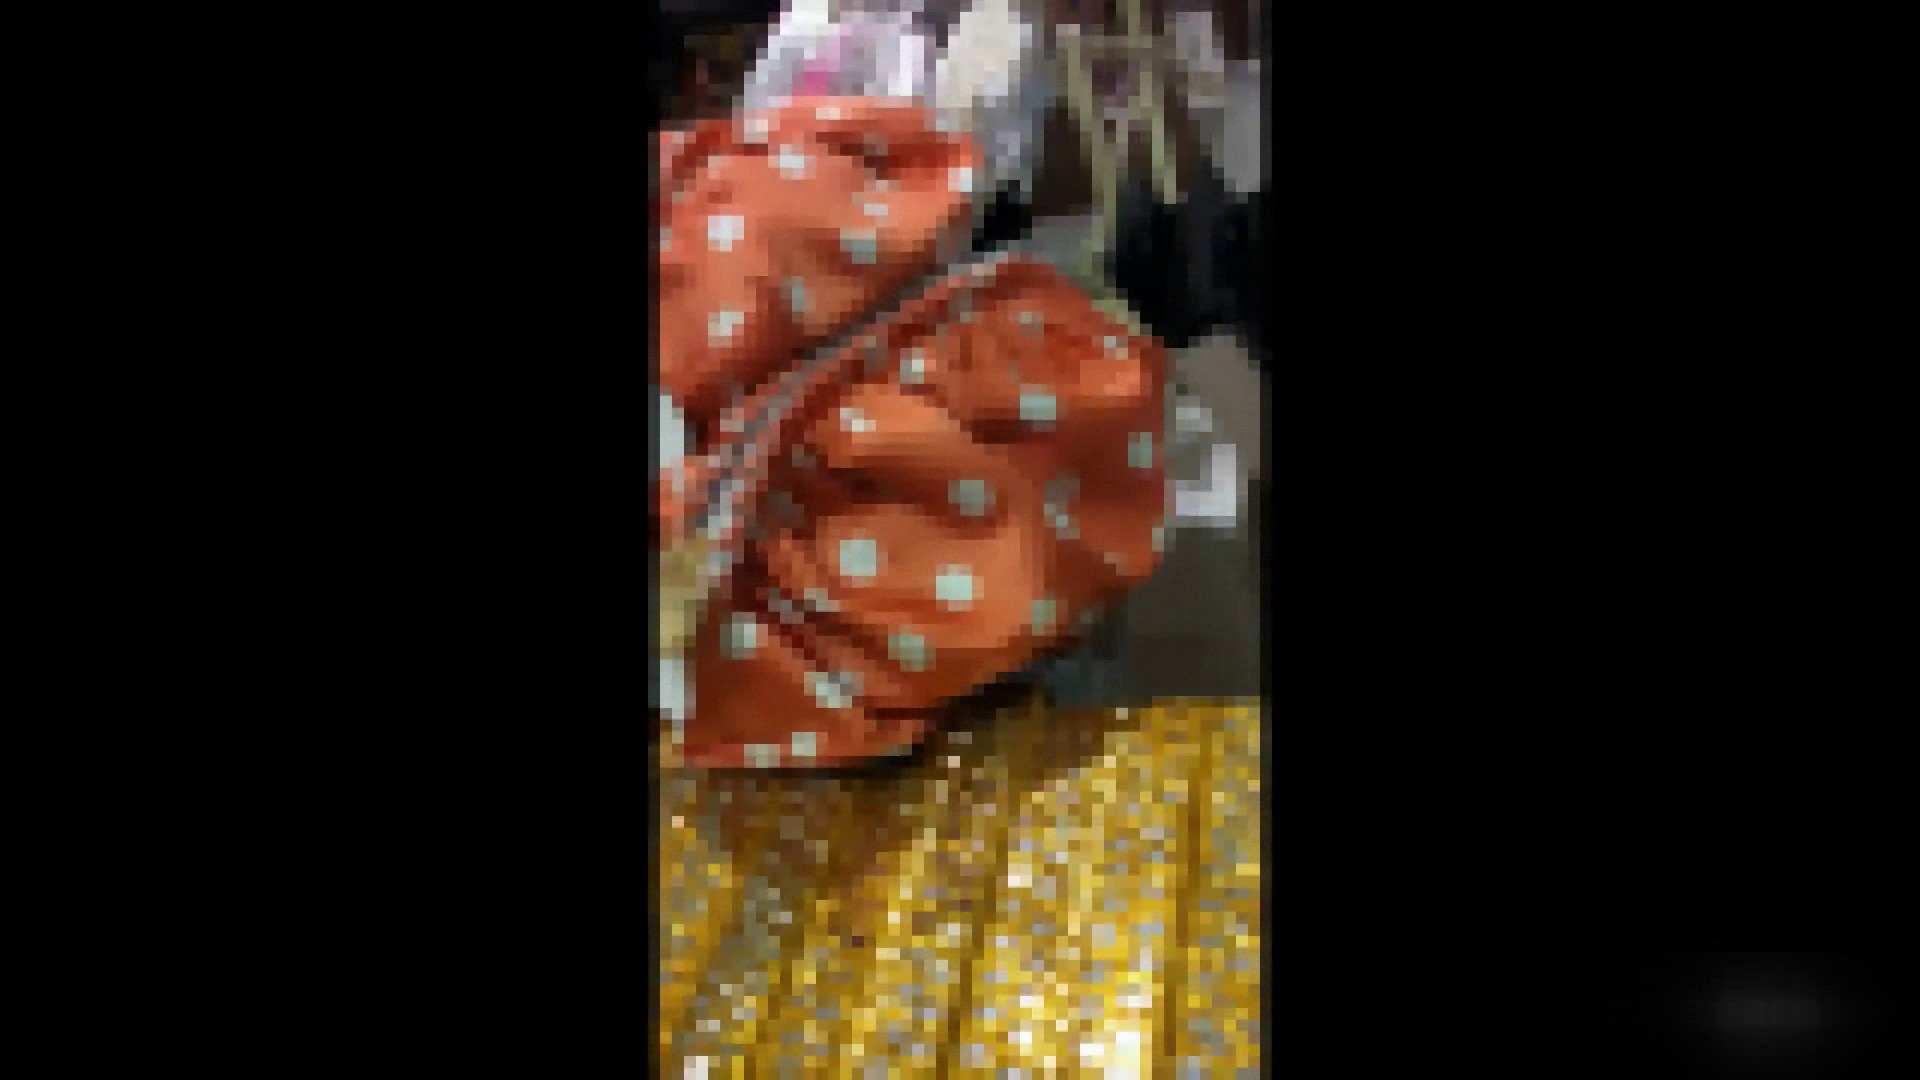 ガールズパンチラストリートビューVol.012 OLの実態 盗撮AV動画キャプチャ 47pic 46